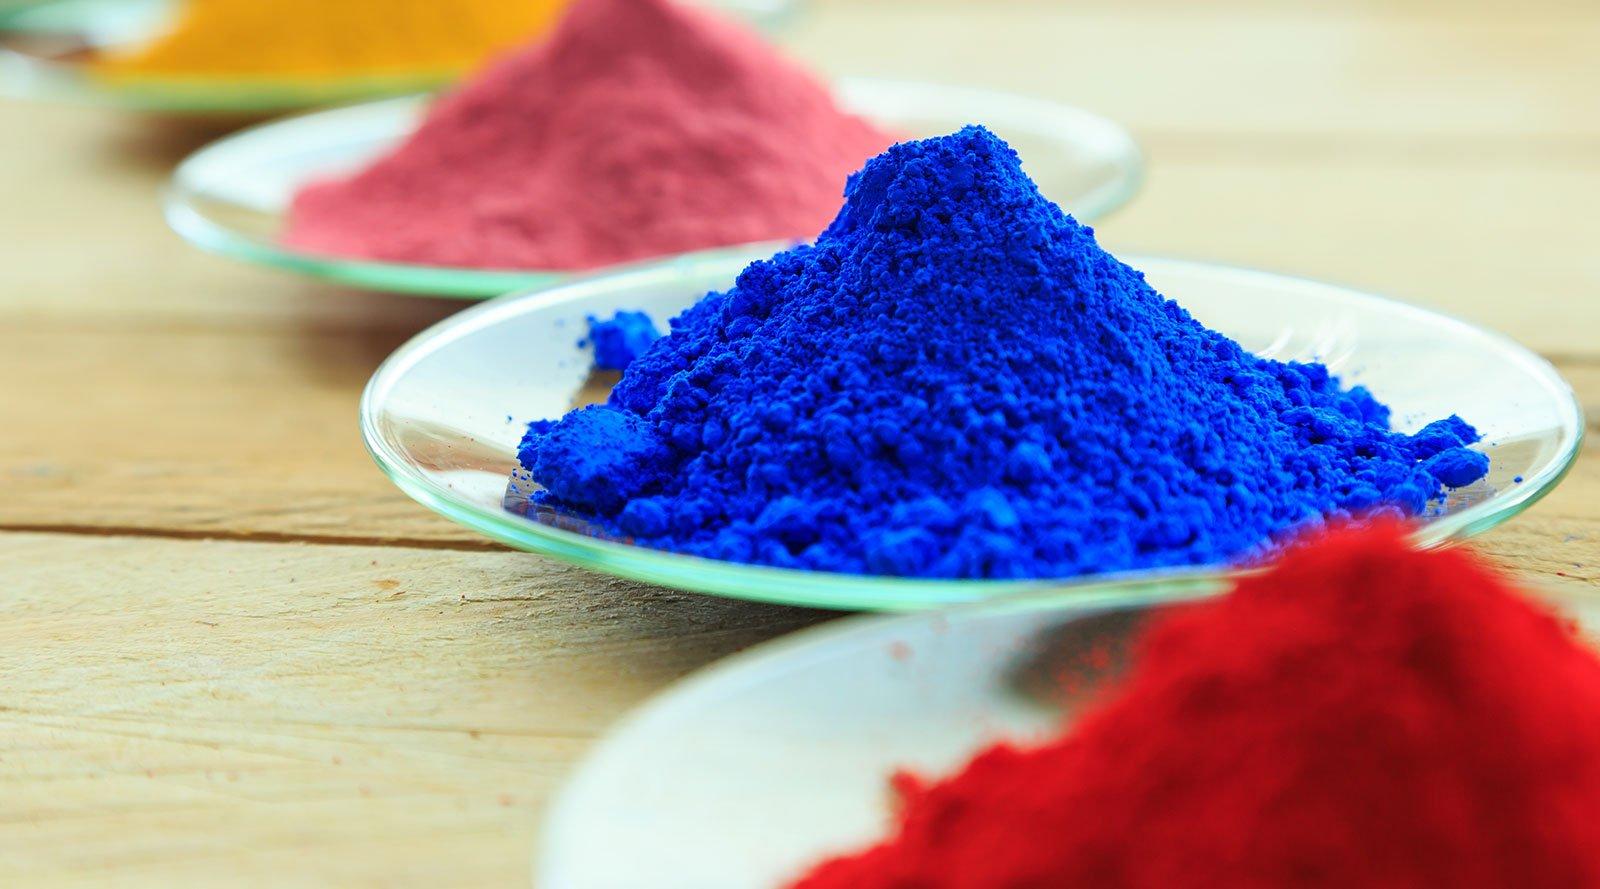 dei piatti con delle polveri blu,rosse,rosa e gialle